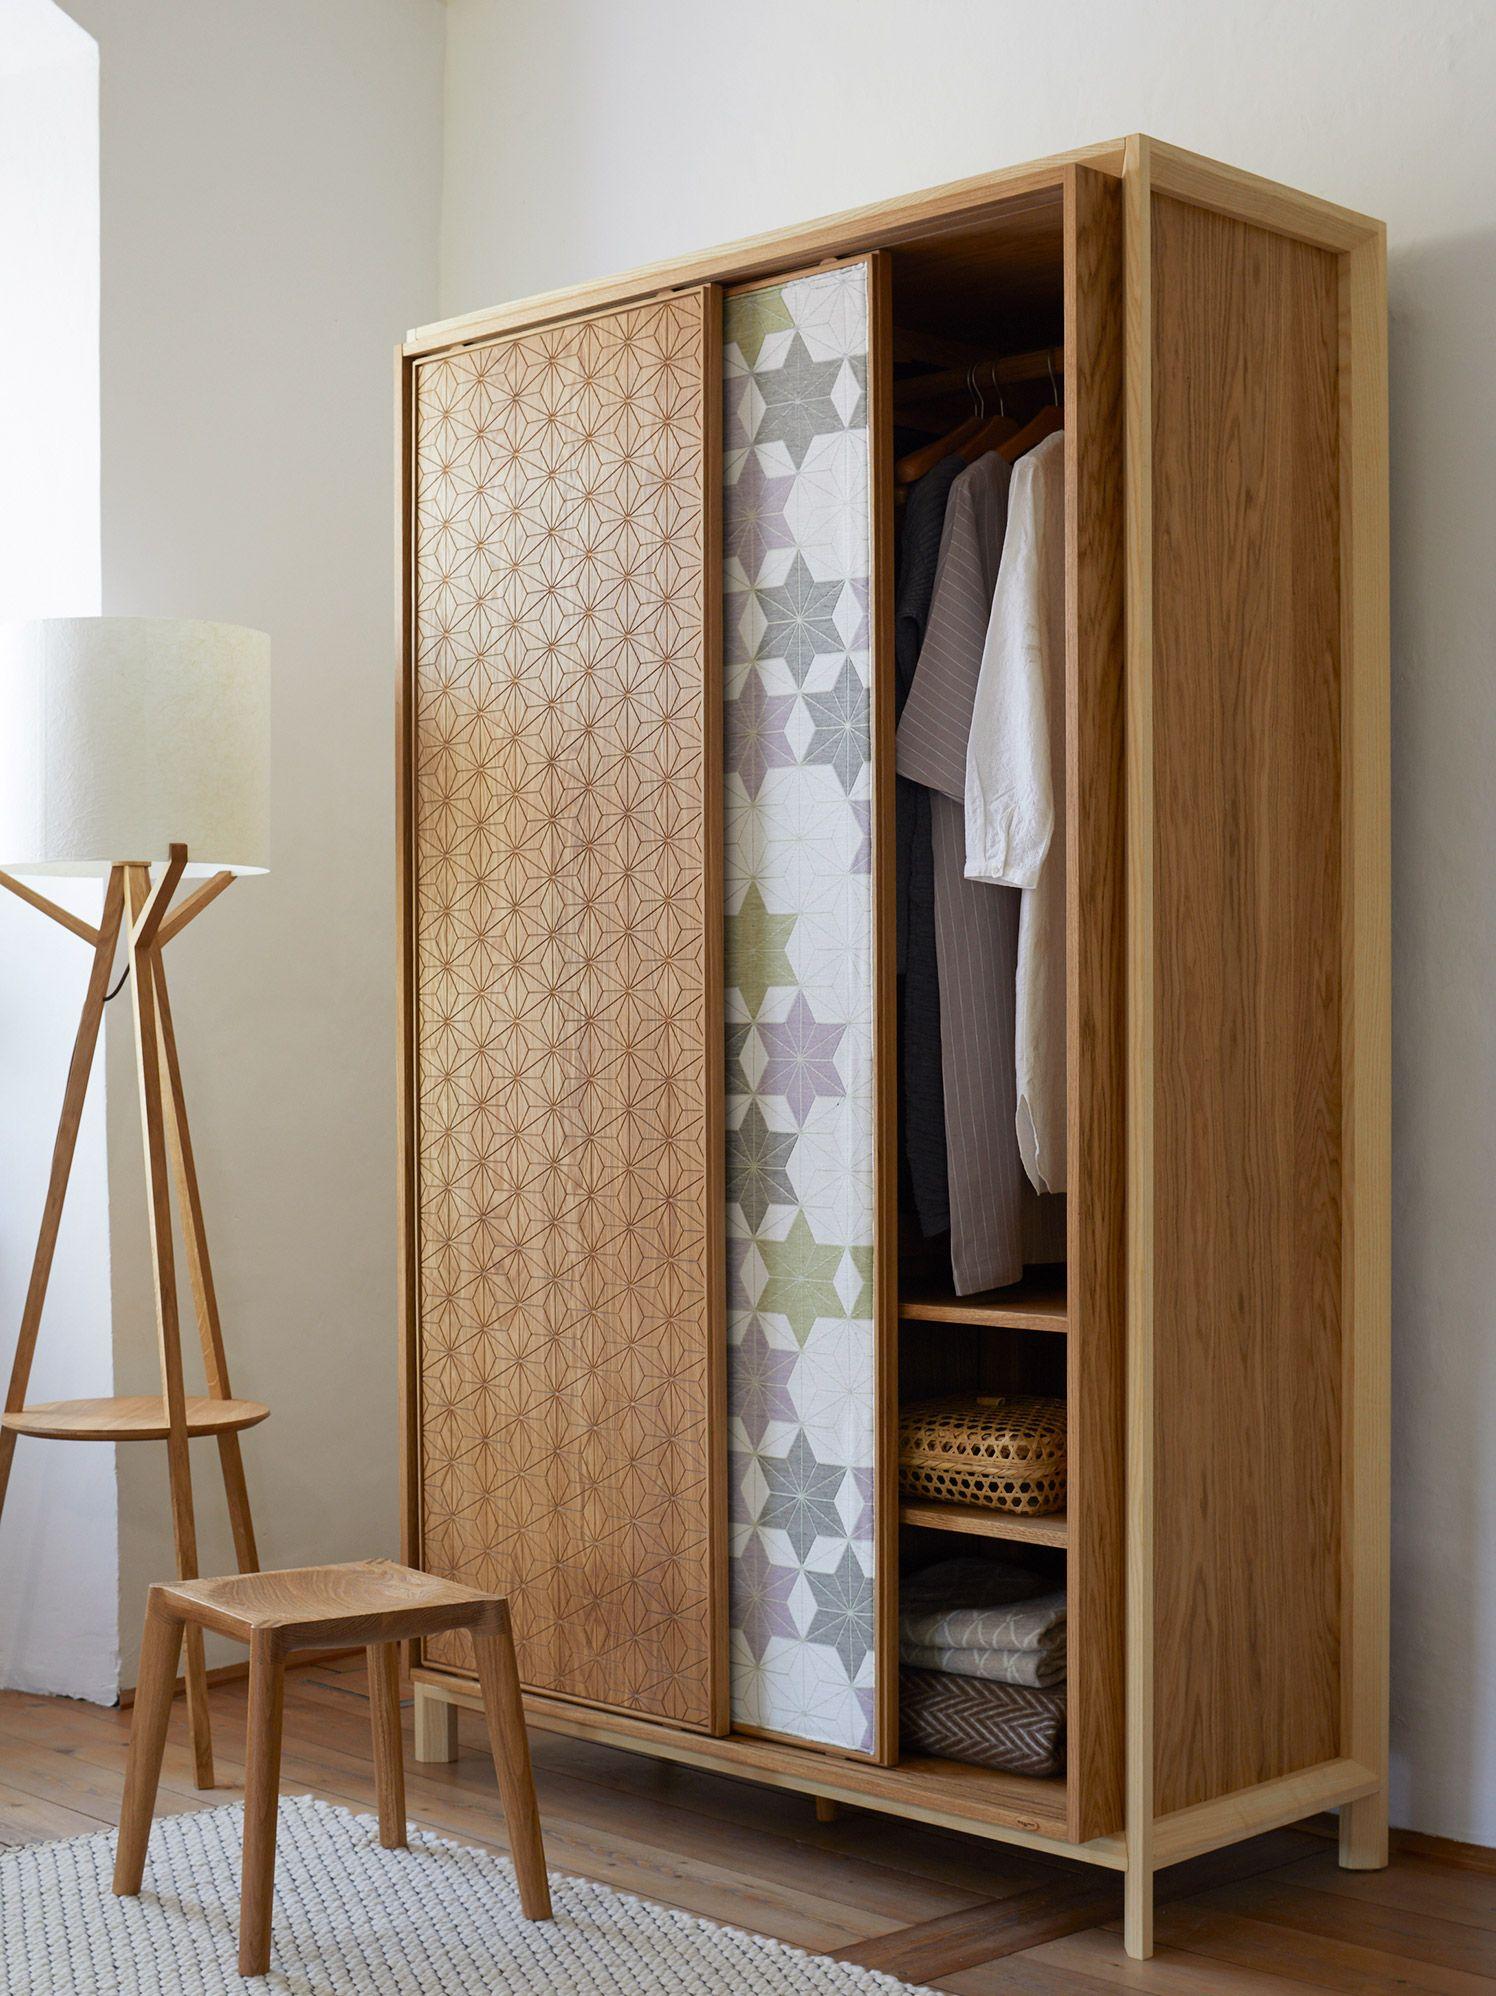 Asanoha Kleiderschrank Kleiderschrank Schrank Wohnung Schlafzimmer